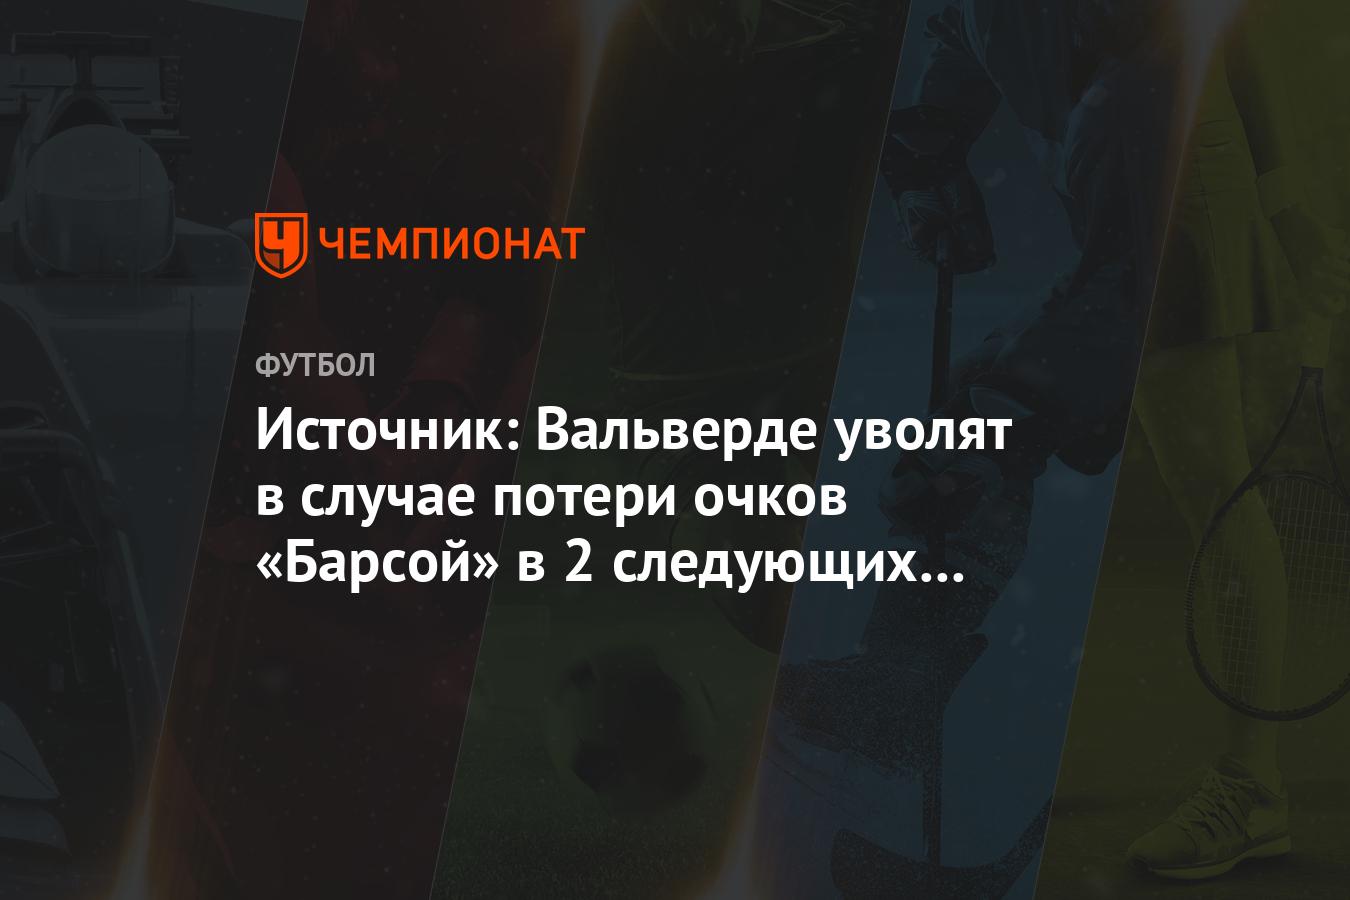 Тренер «Ромы» благодарен журналистам за участие в победе над «Барсой» | 900x900